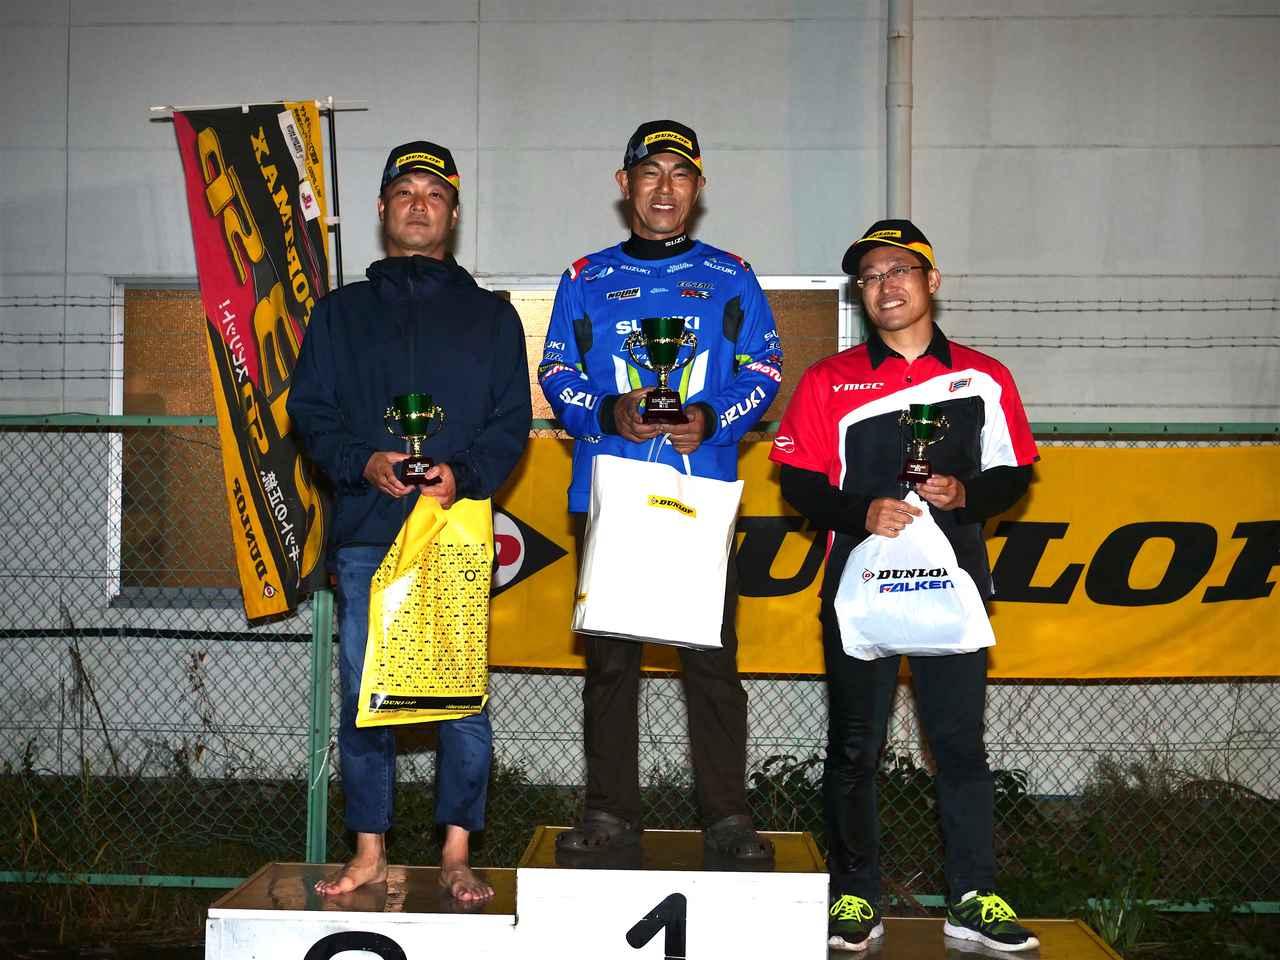 画像: 左からランキング2位・大越選手、SB級チャンピオン・辻家選手、ランキング3位・関選手